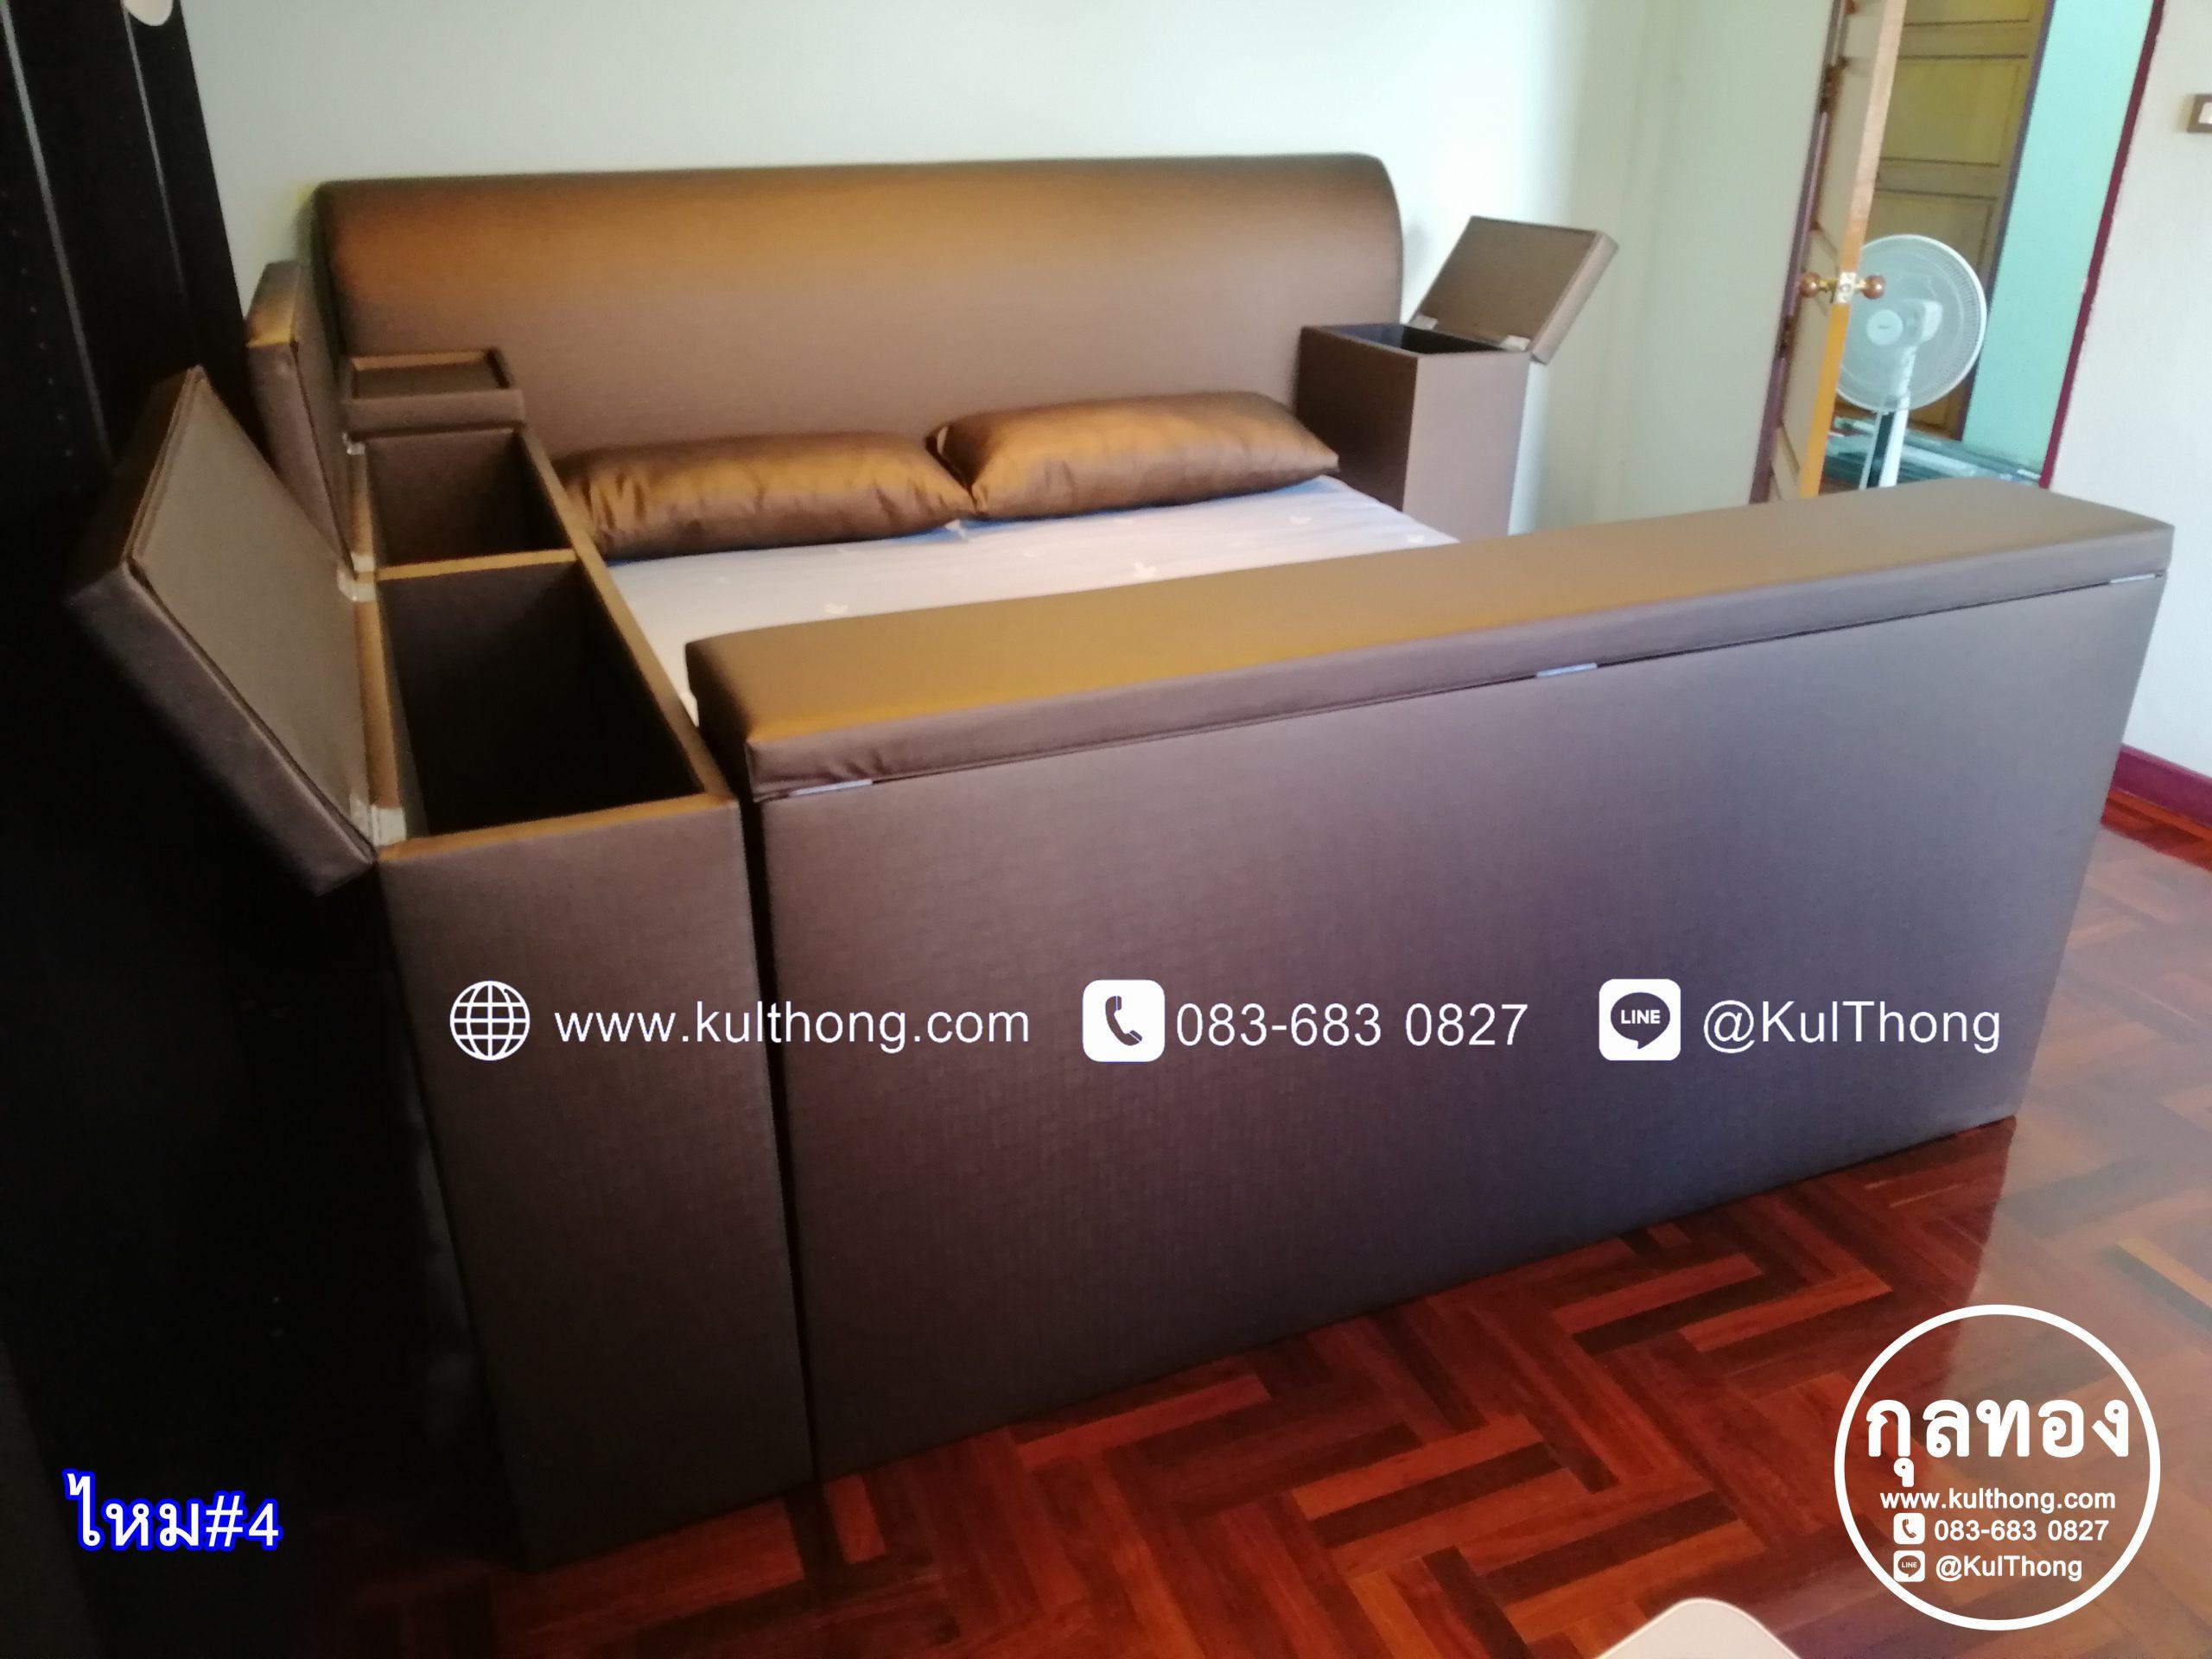 เตียงมีกล่องด้านข้าง เตียงเก็บของ เตียงมีที่เก็บของ เตียงหุ้มหนังมีกล่อง